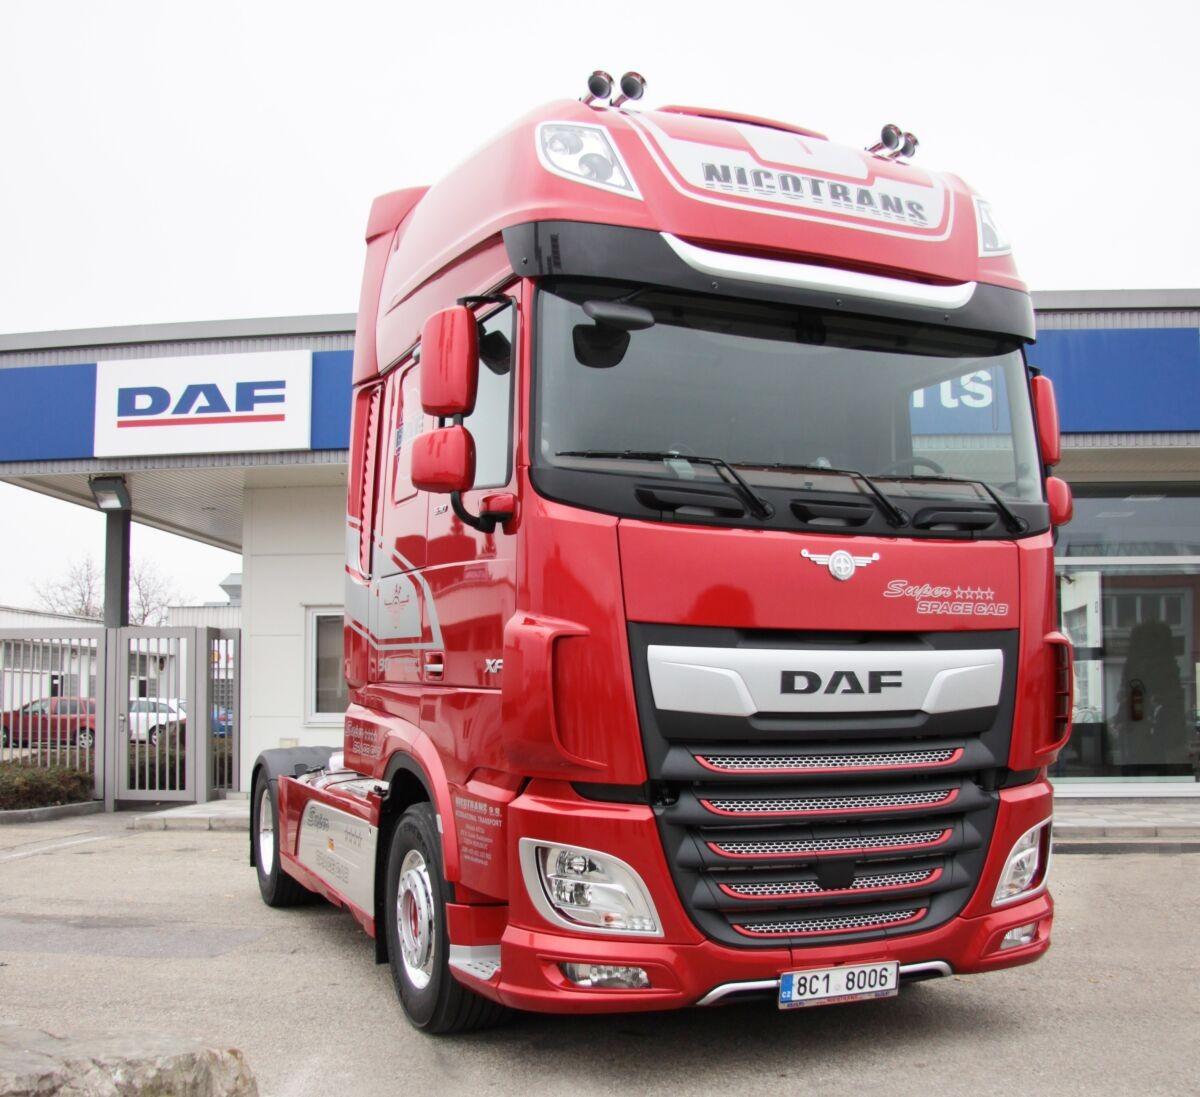 Nový DAF XF z limitované edice k 90. výročí založení společnosti DAF spořadovým číslem 066. / Foto zdroj: DAF Trucks CZ, s.r.o.